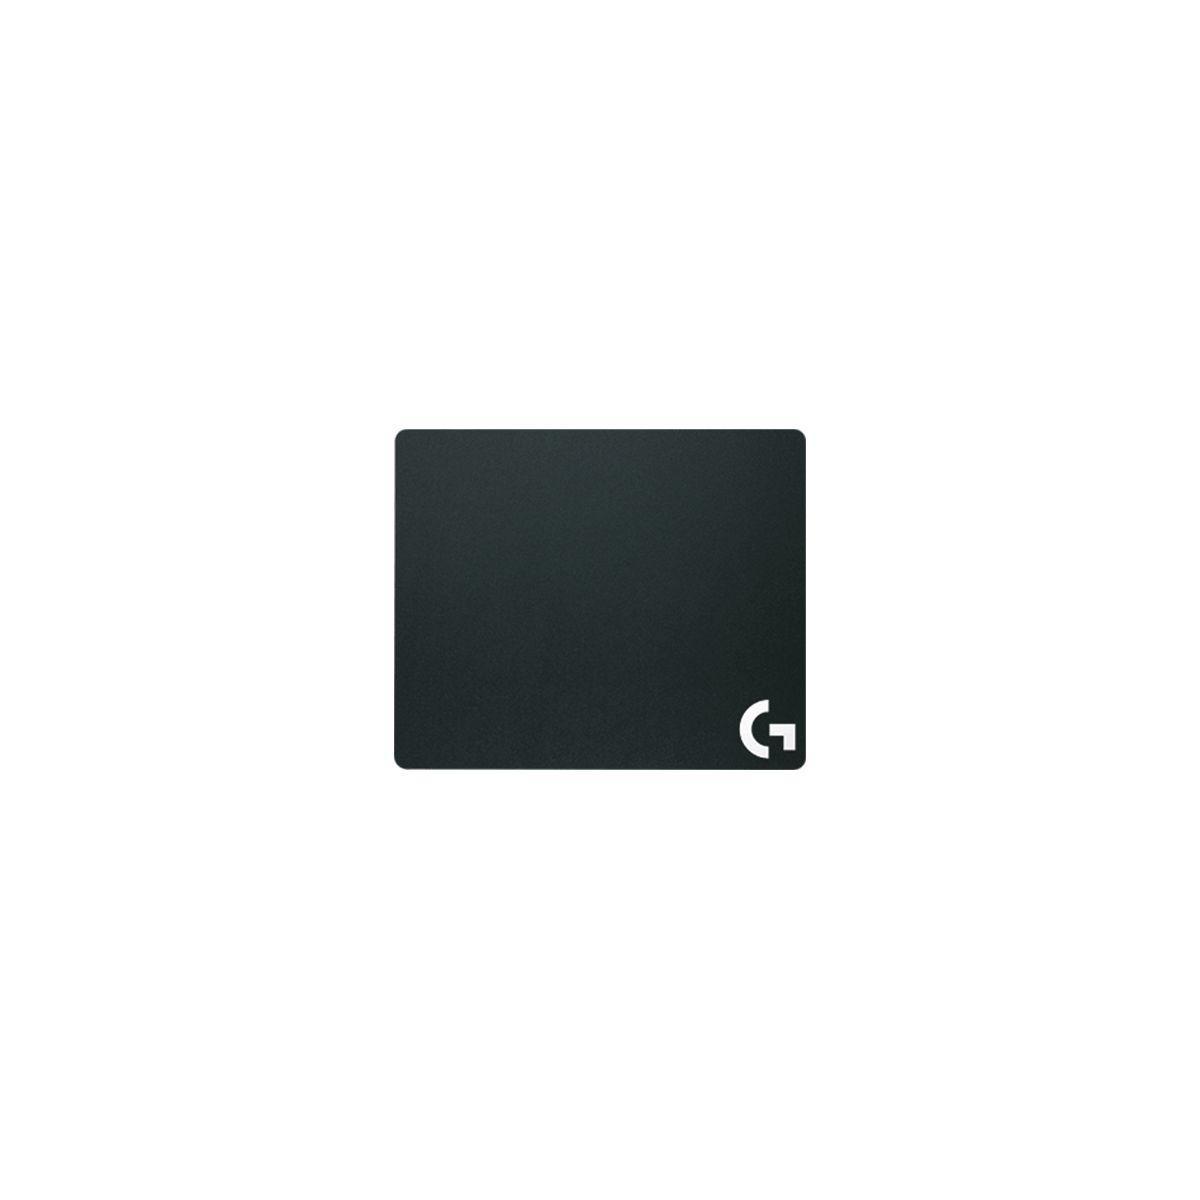 Tapis de souris gamer logitech g440 refresh - soldes et bonnes affaires à prix imbattables